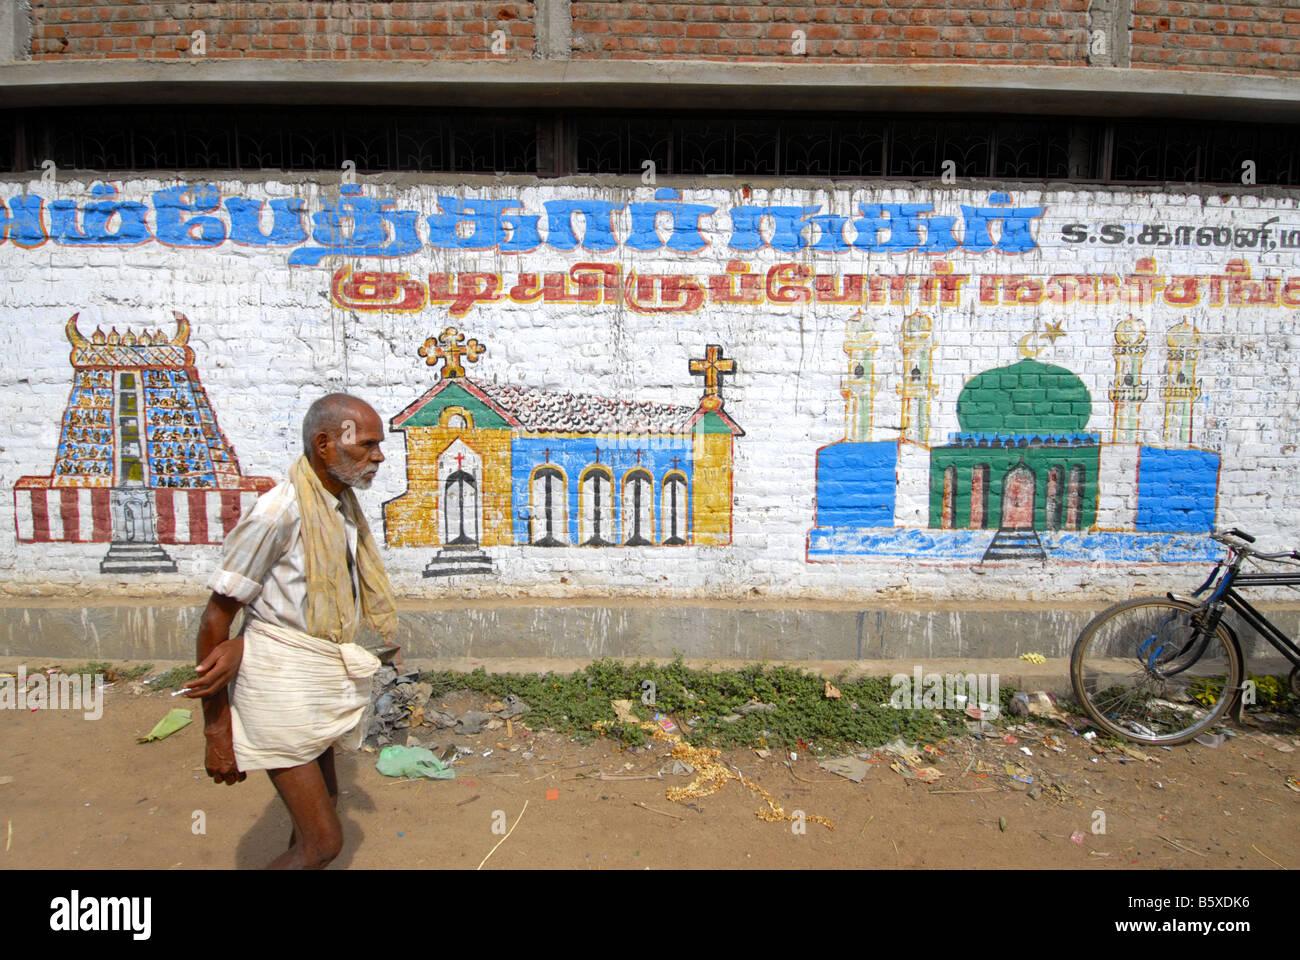 Graffiti On The Walls In A Street In Madurai Tamilnadu Stock Image